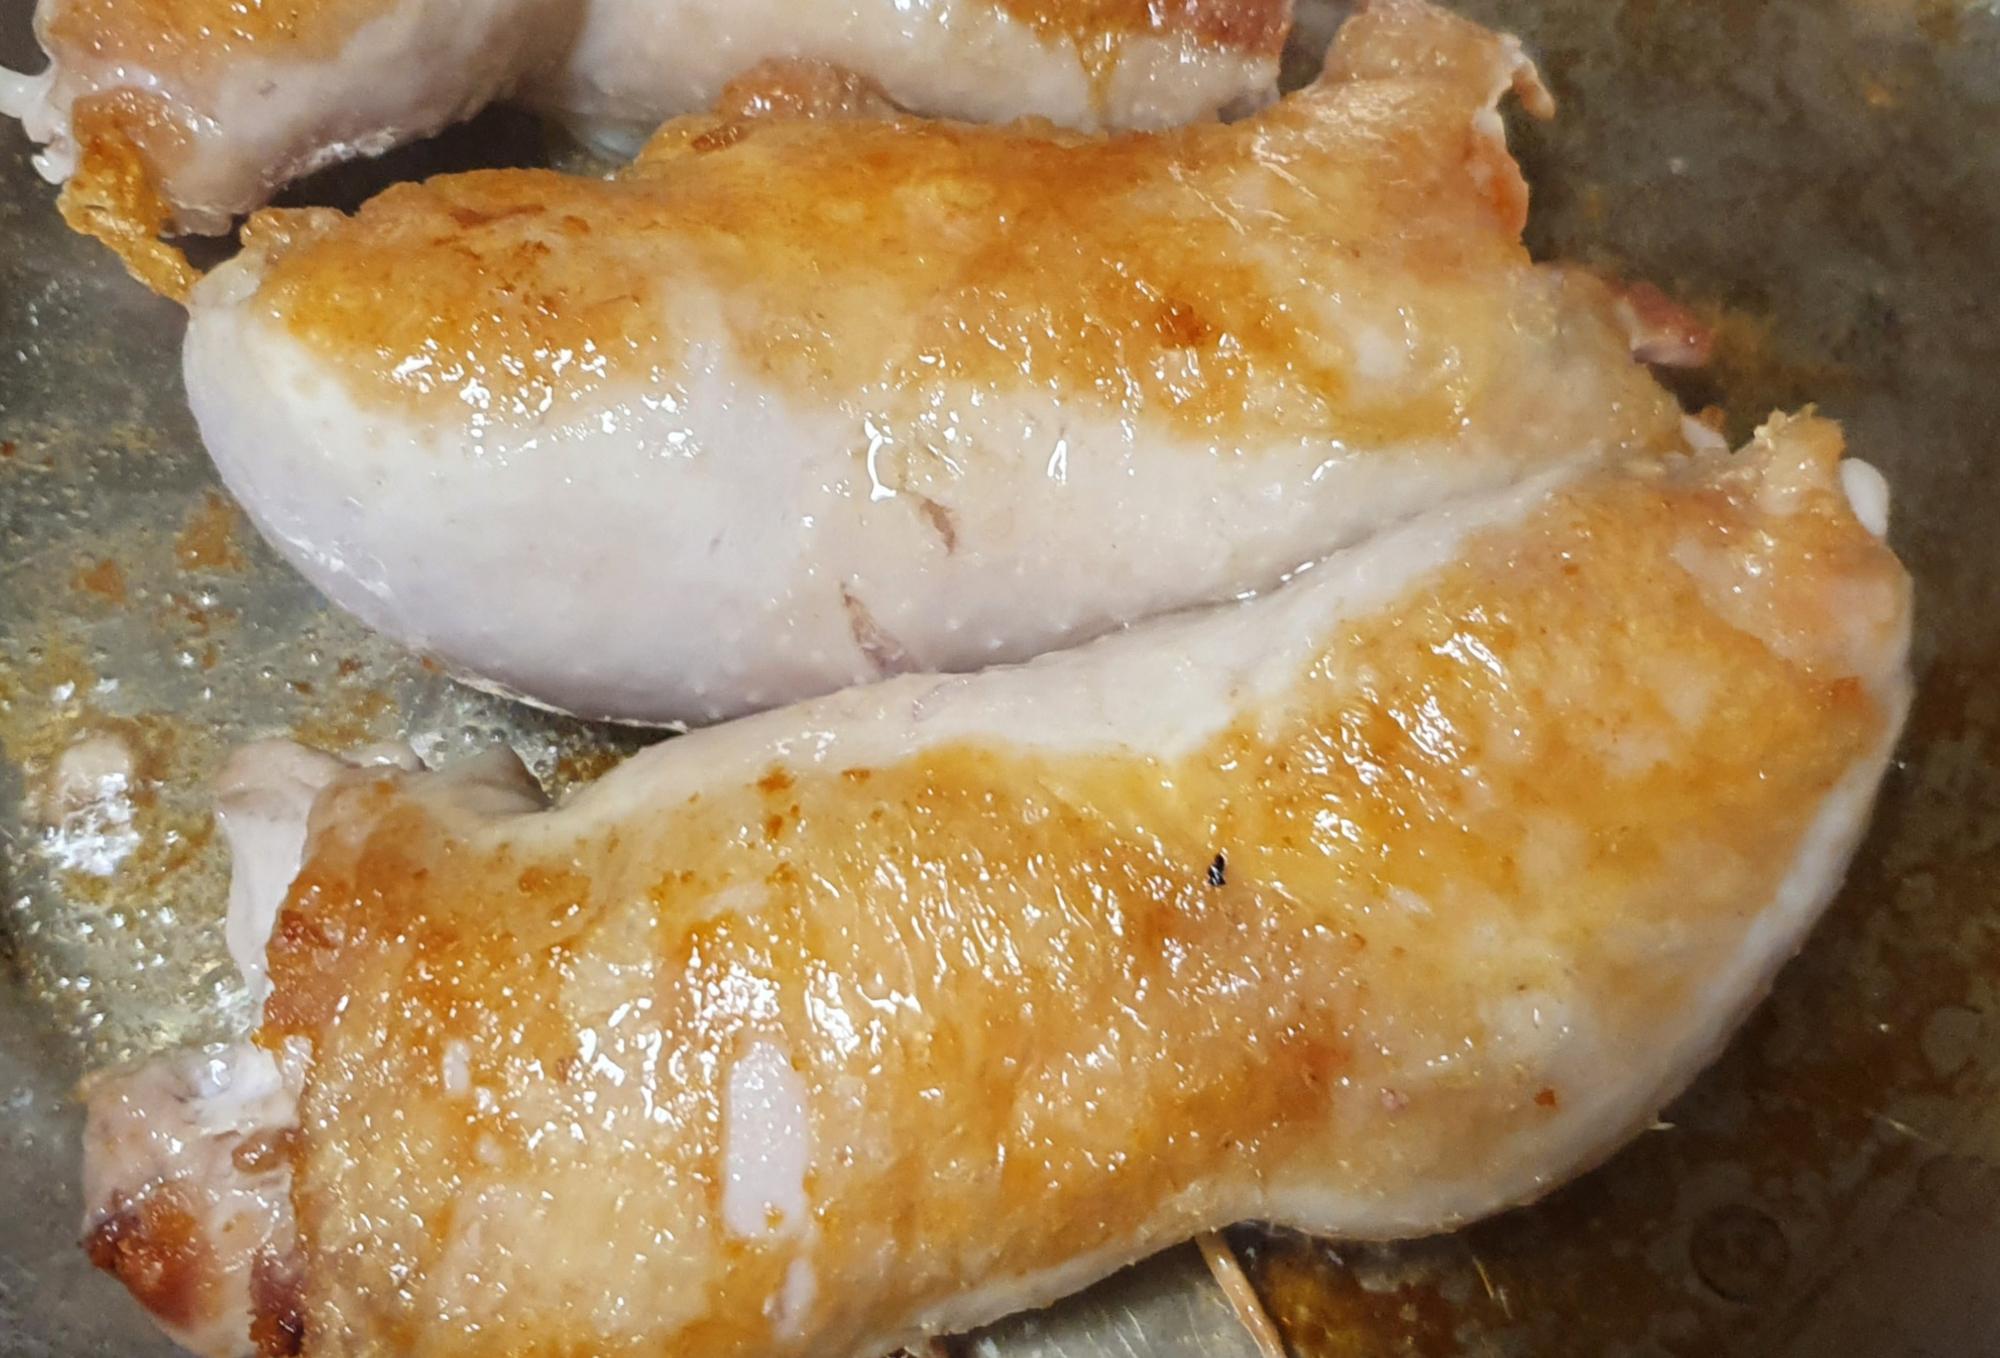 Kullanruskeaksi pannulla paistettua kanaa